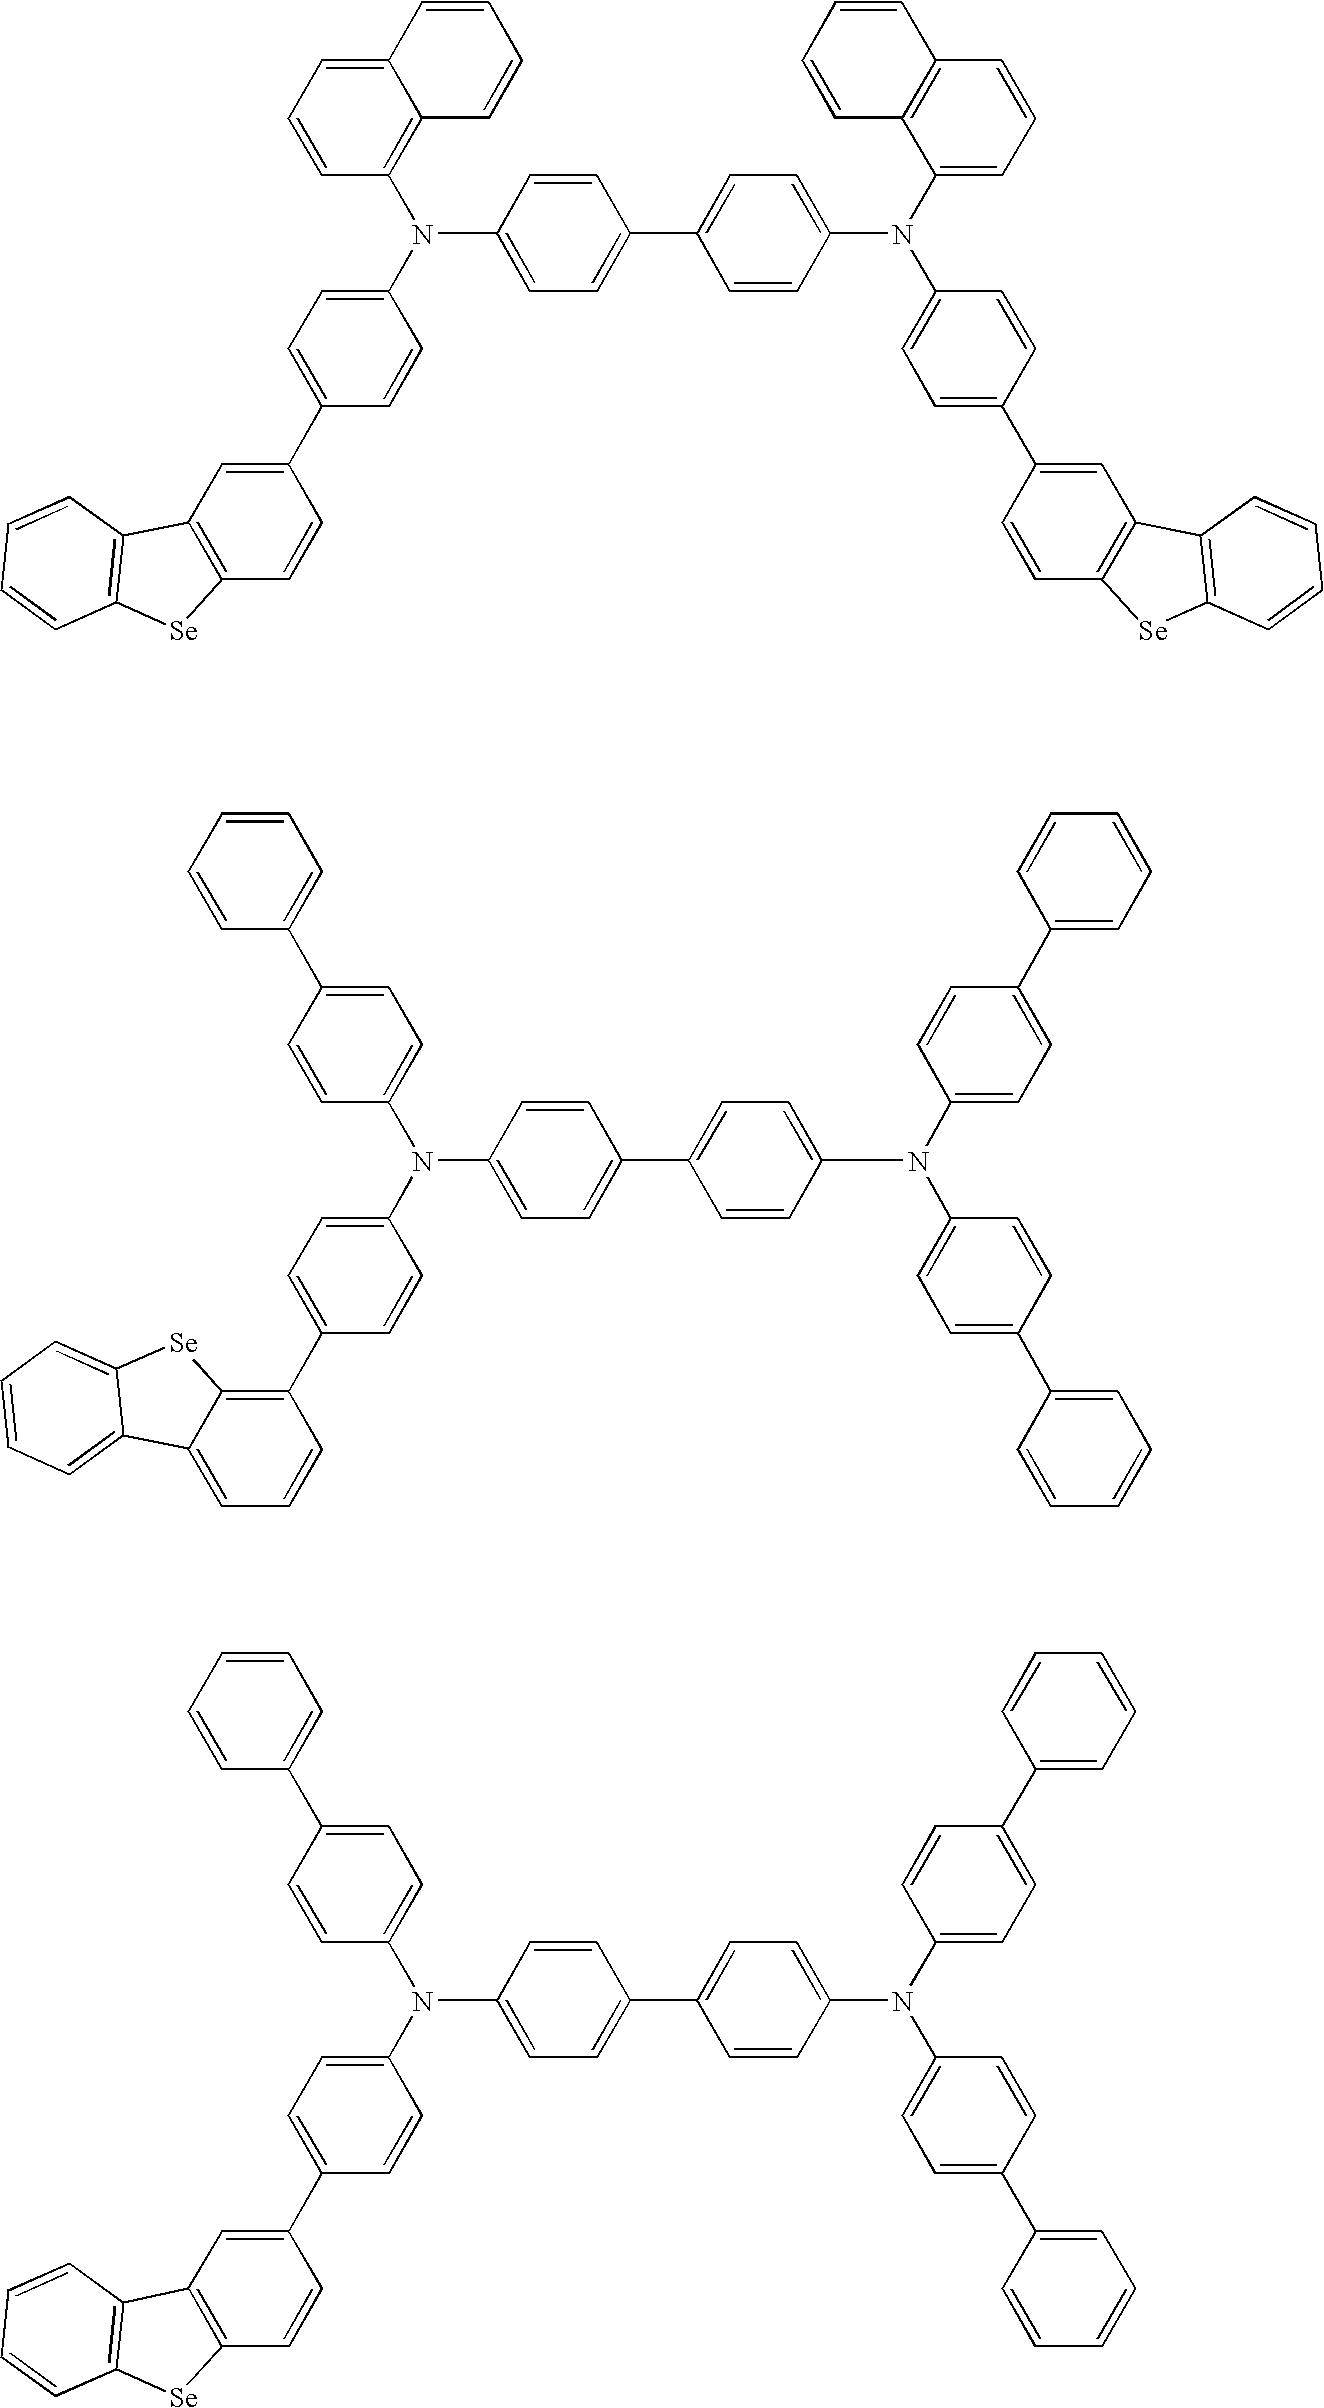 Figure US20100072887A1-20100325-C00207